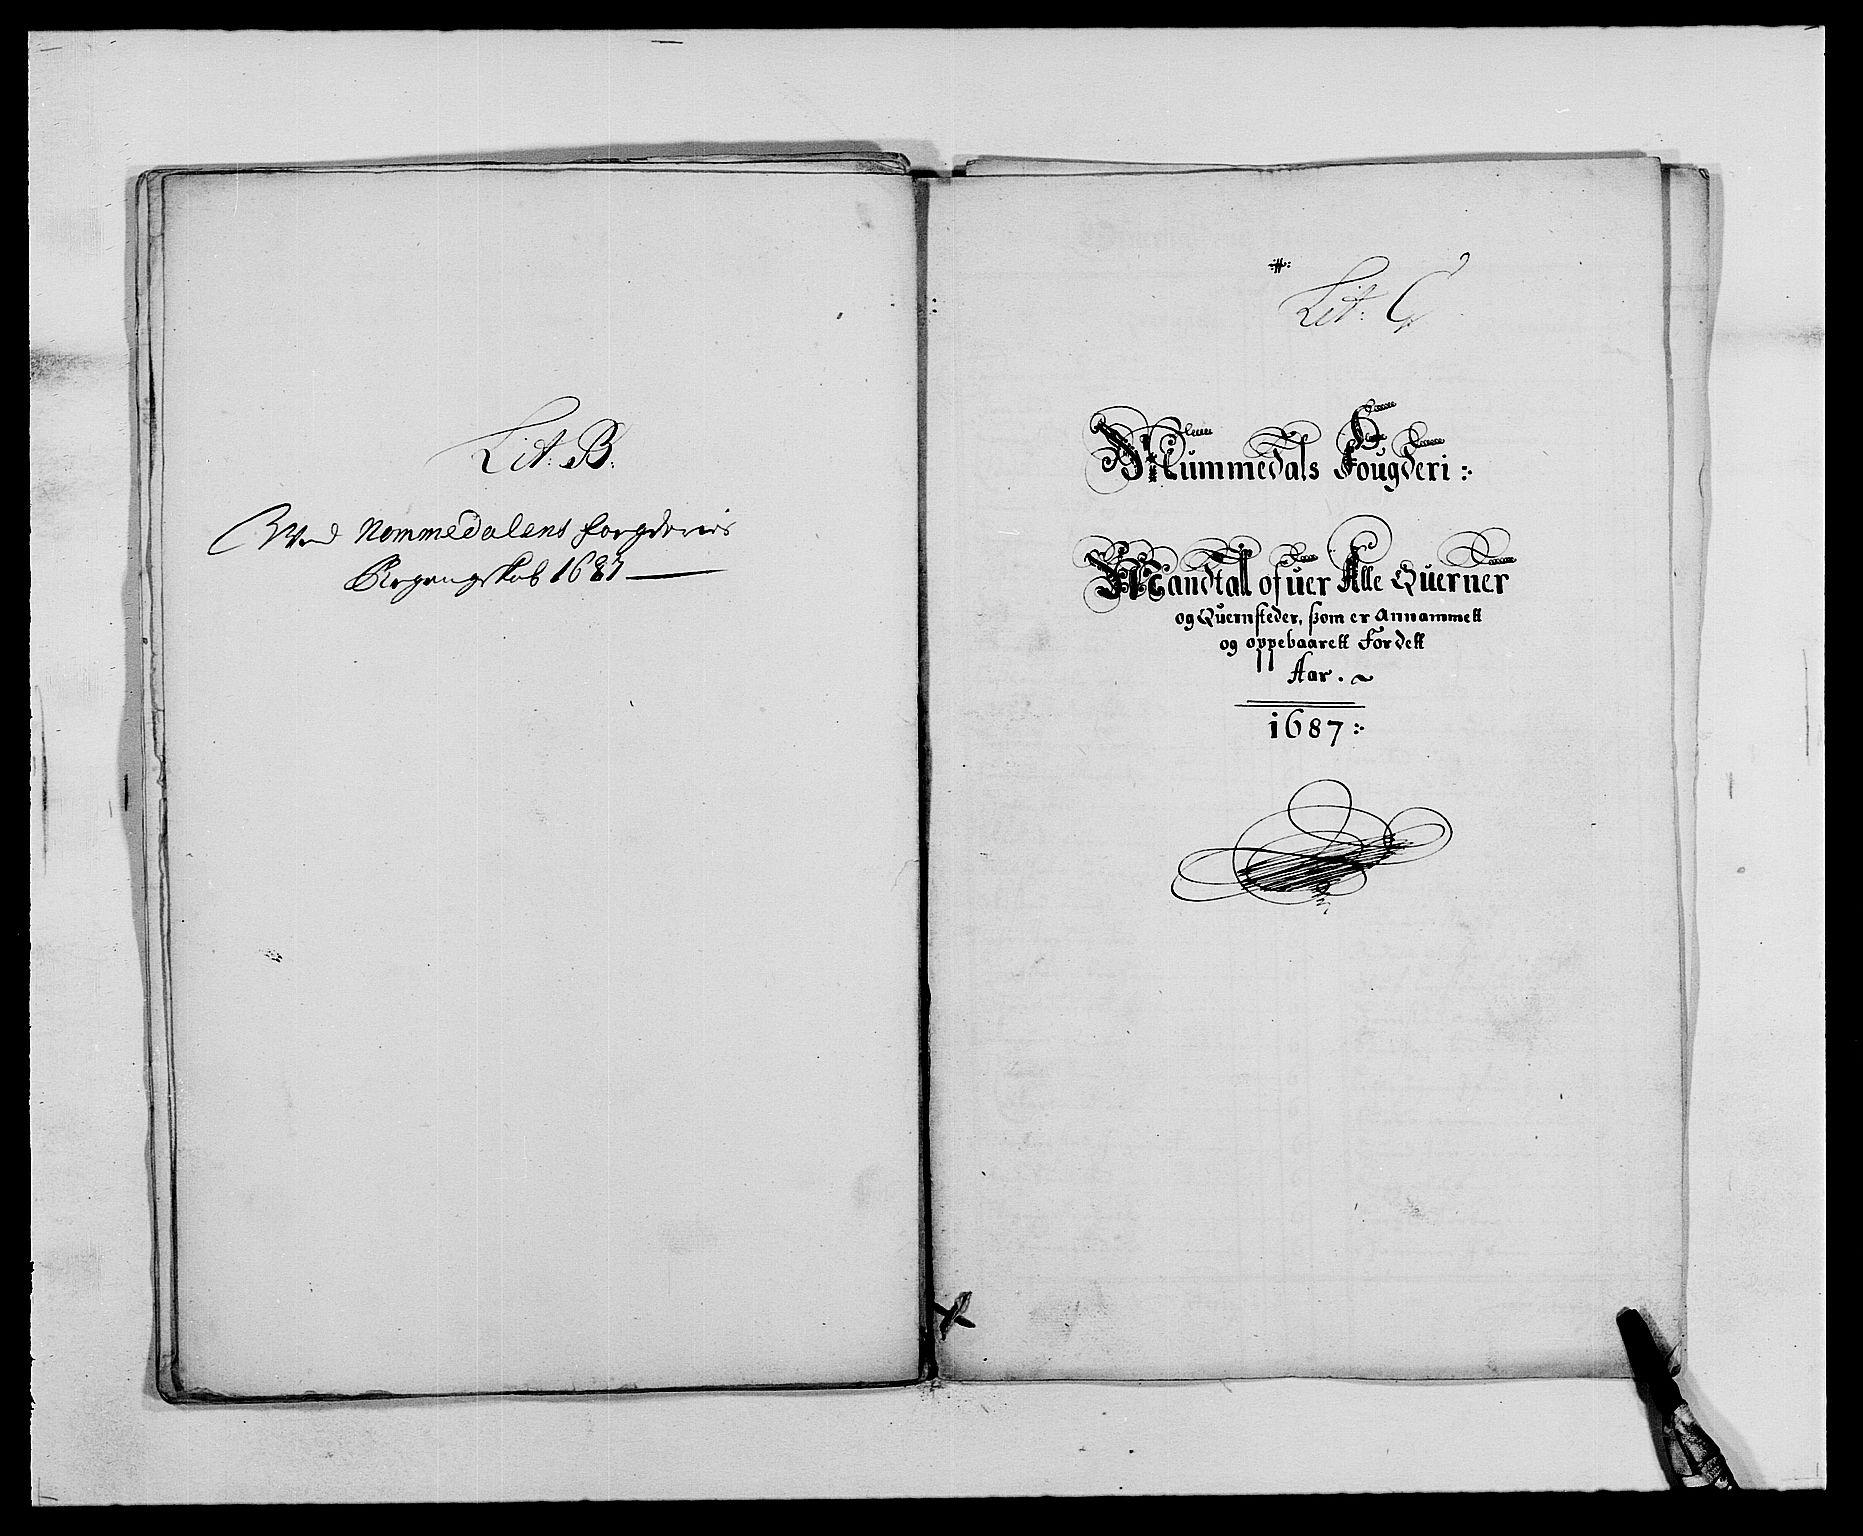 RA, Rentekammeret inntil 1814, Reviderte regnskaper, Fogderegnskap, R64/L4422: Fogderegnskap Namdal, 1687-1689, s. 12